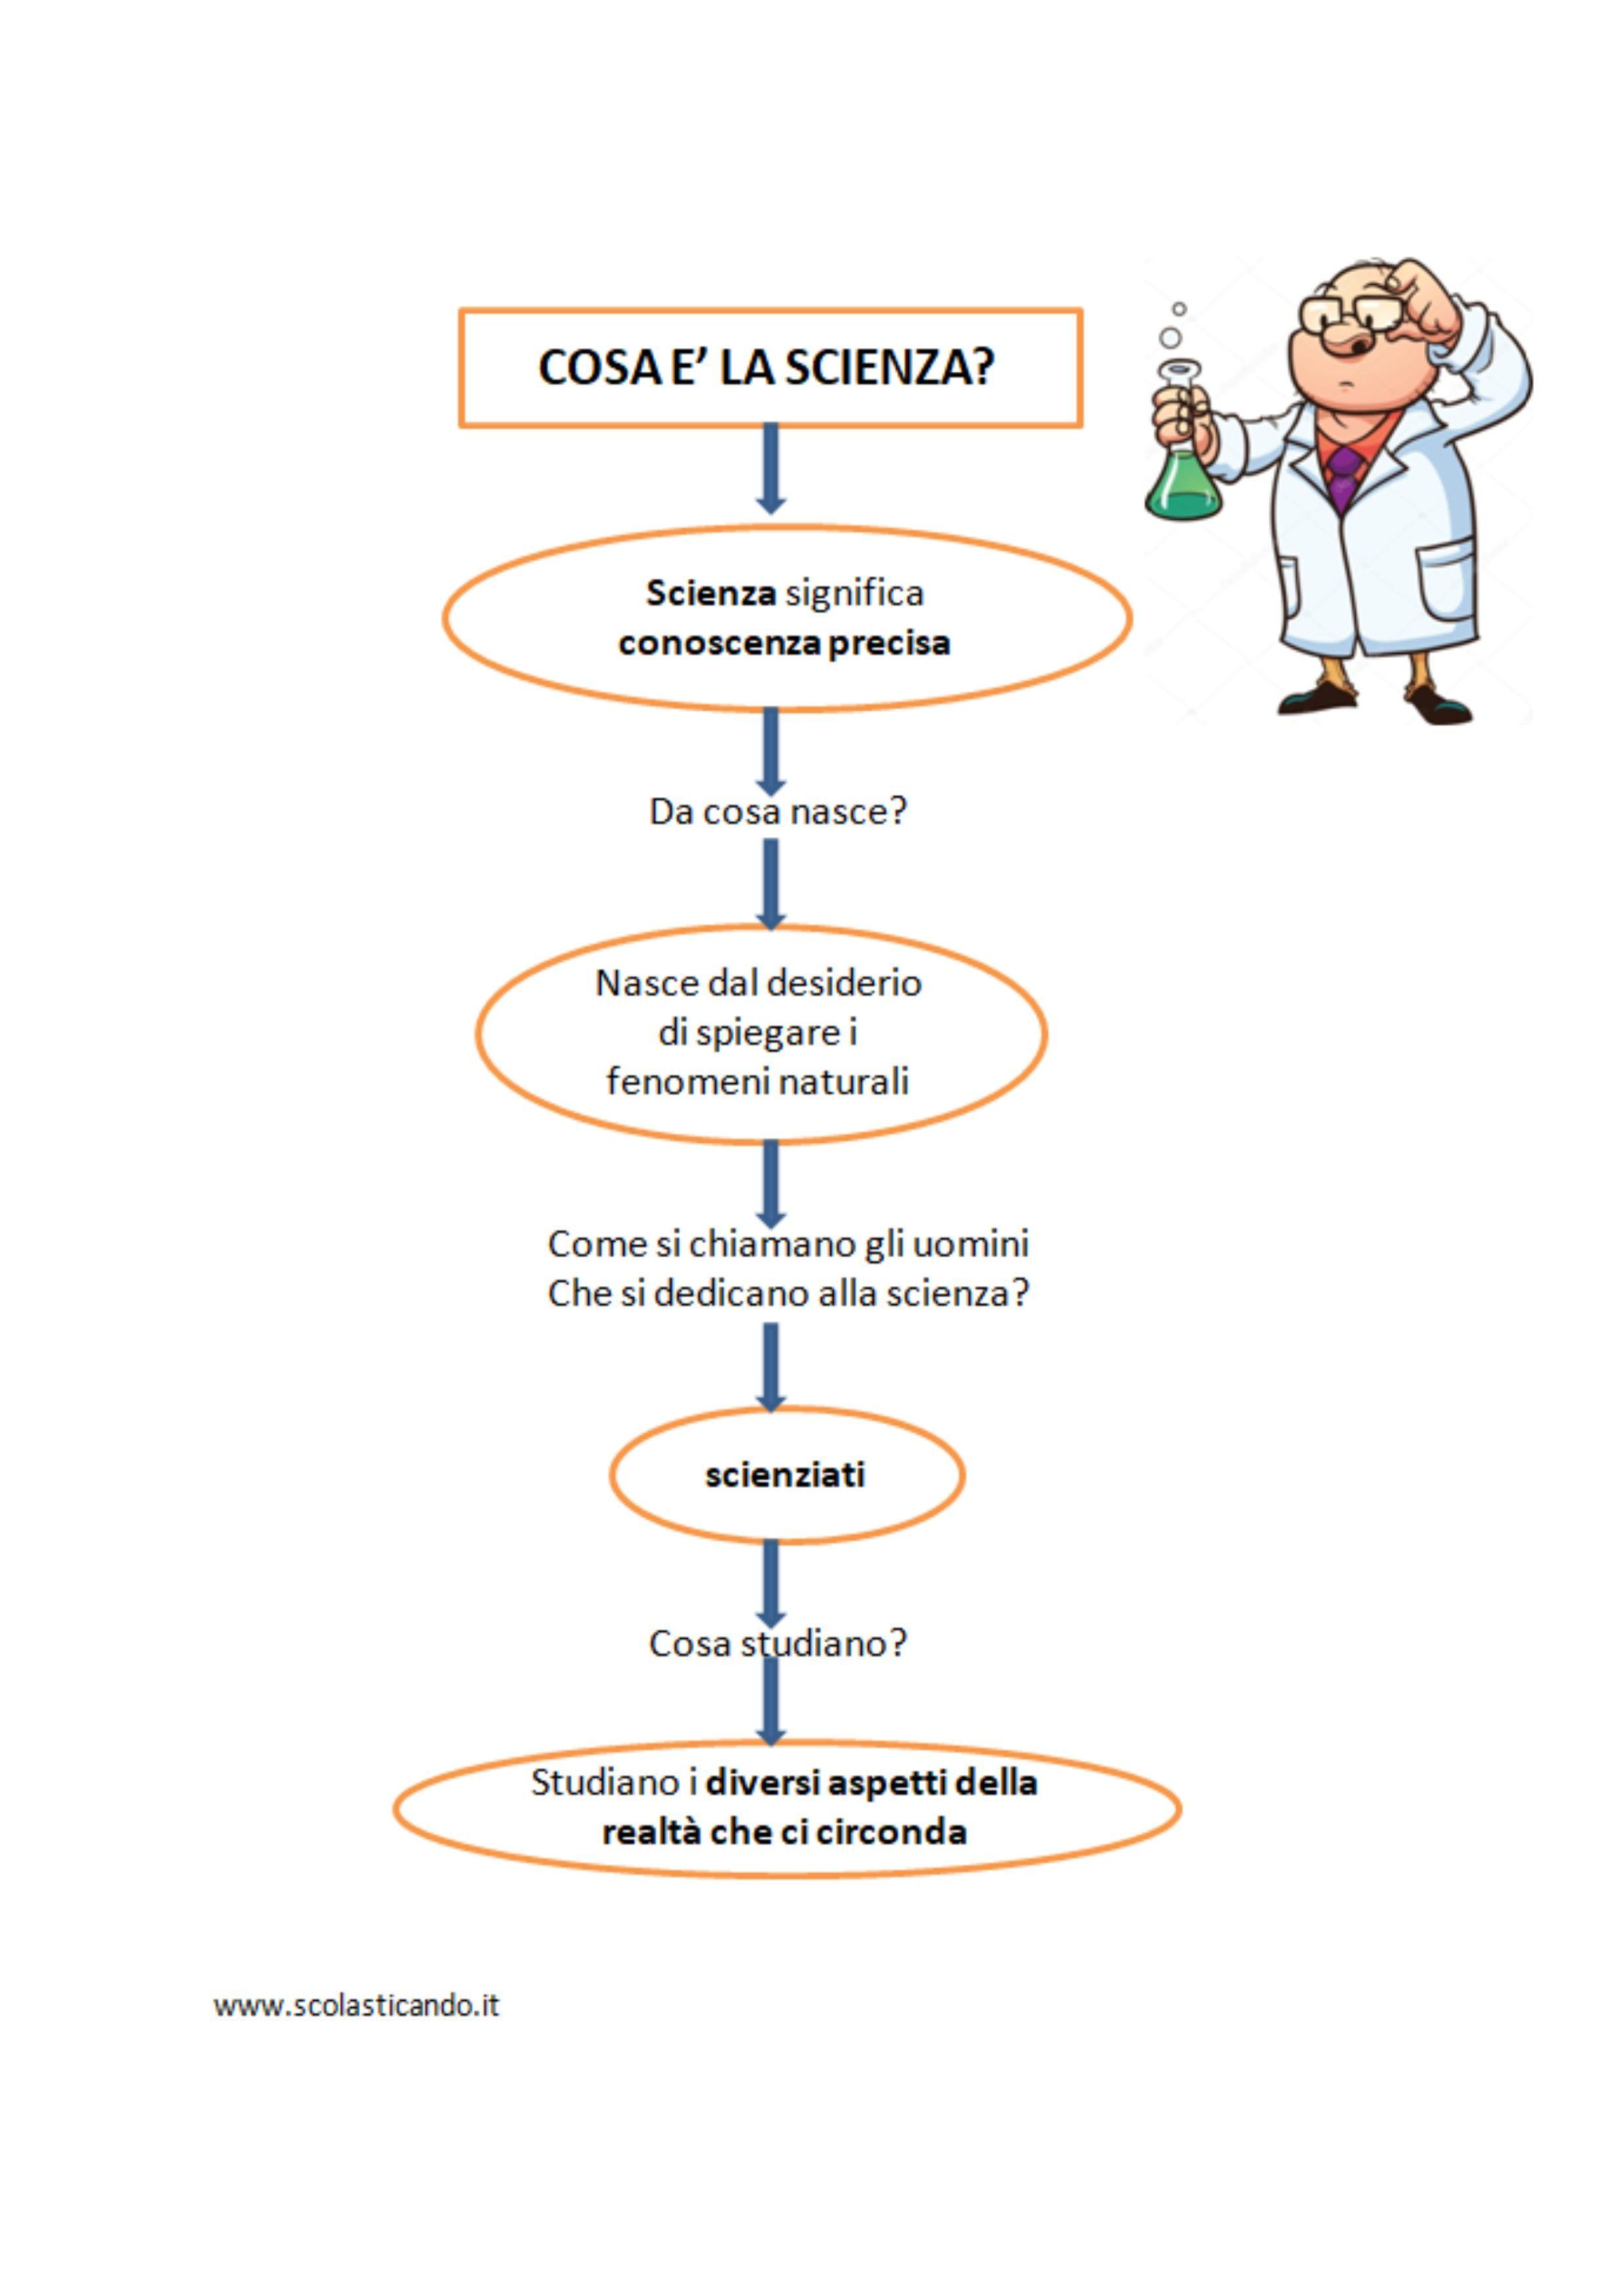 Mappe Concettuali Di Scienze Per La Classe Terza Della Scuola Primaria Le Schede Spiegano Cosa è La Scienza I Var Scienza Scienza Scuola Media Scienza Fisica